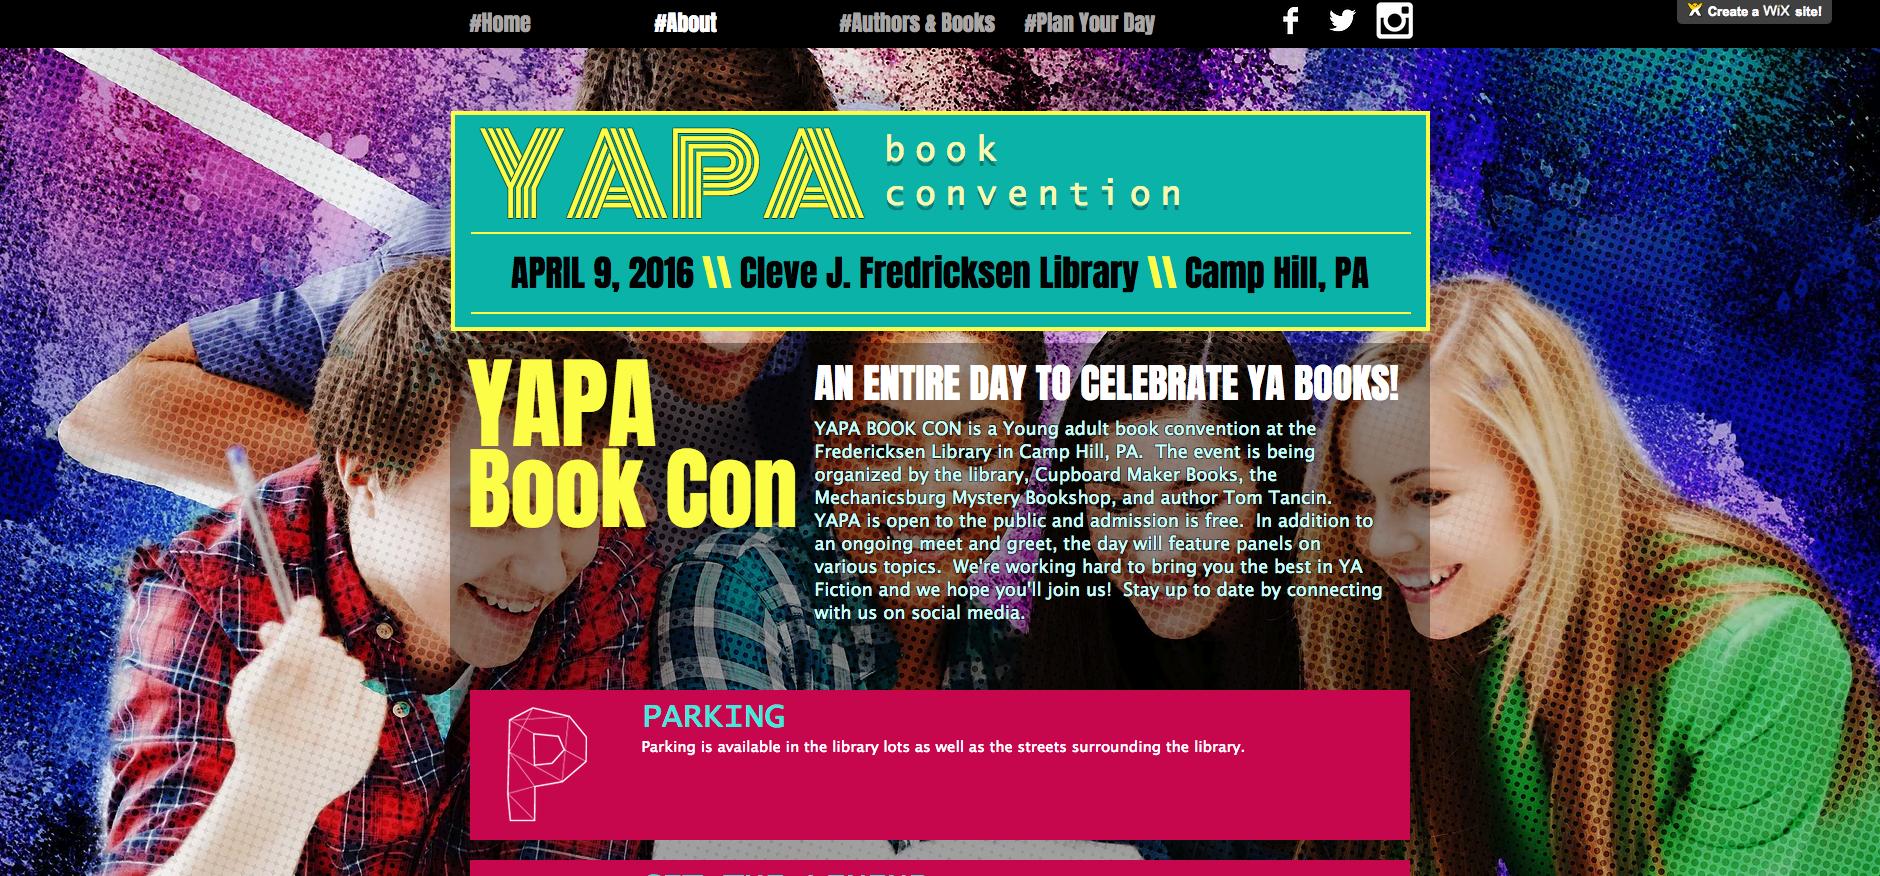 YAPA Book Con